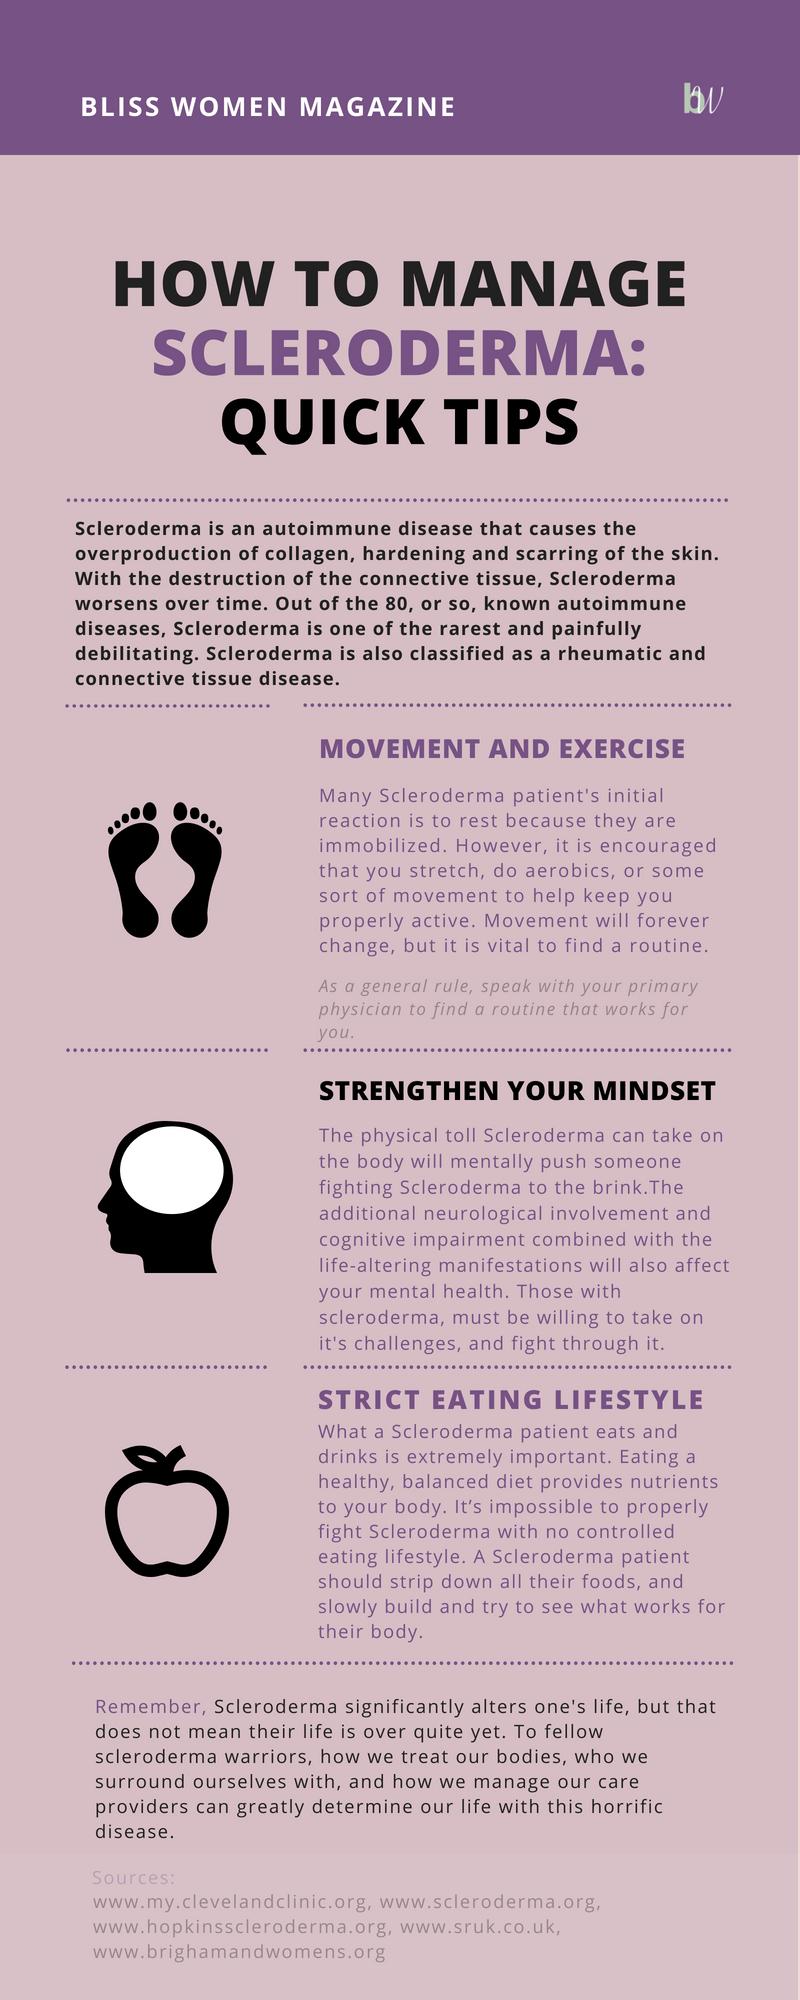 BlissW Scleroderma Infographic-4.jpg